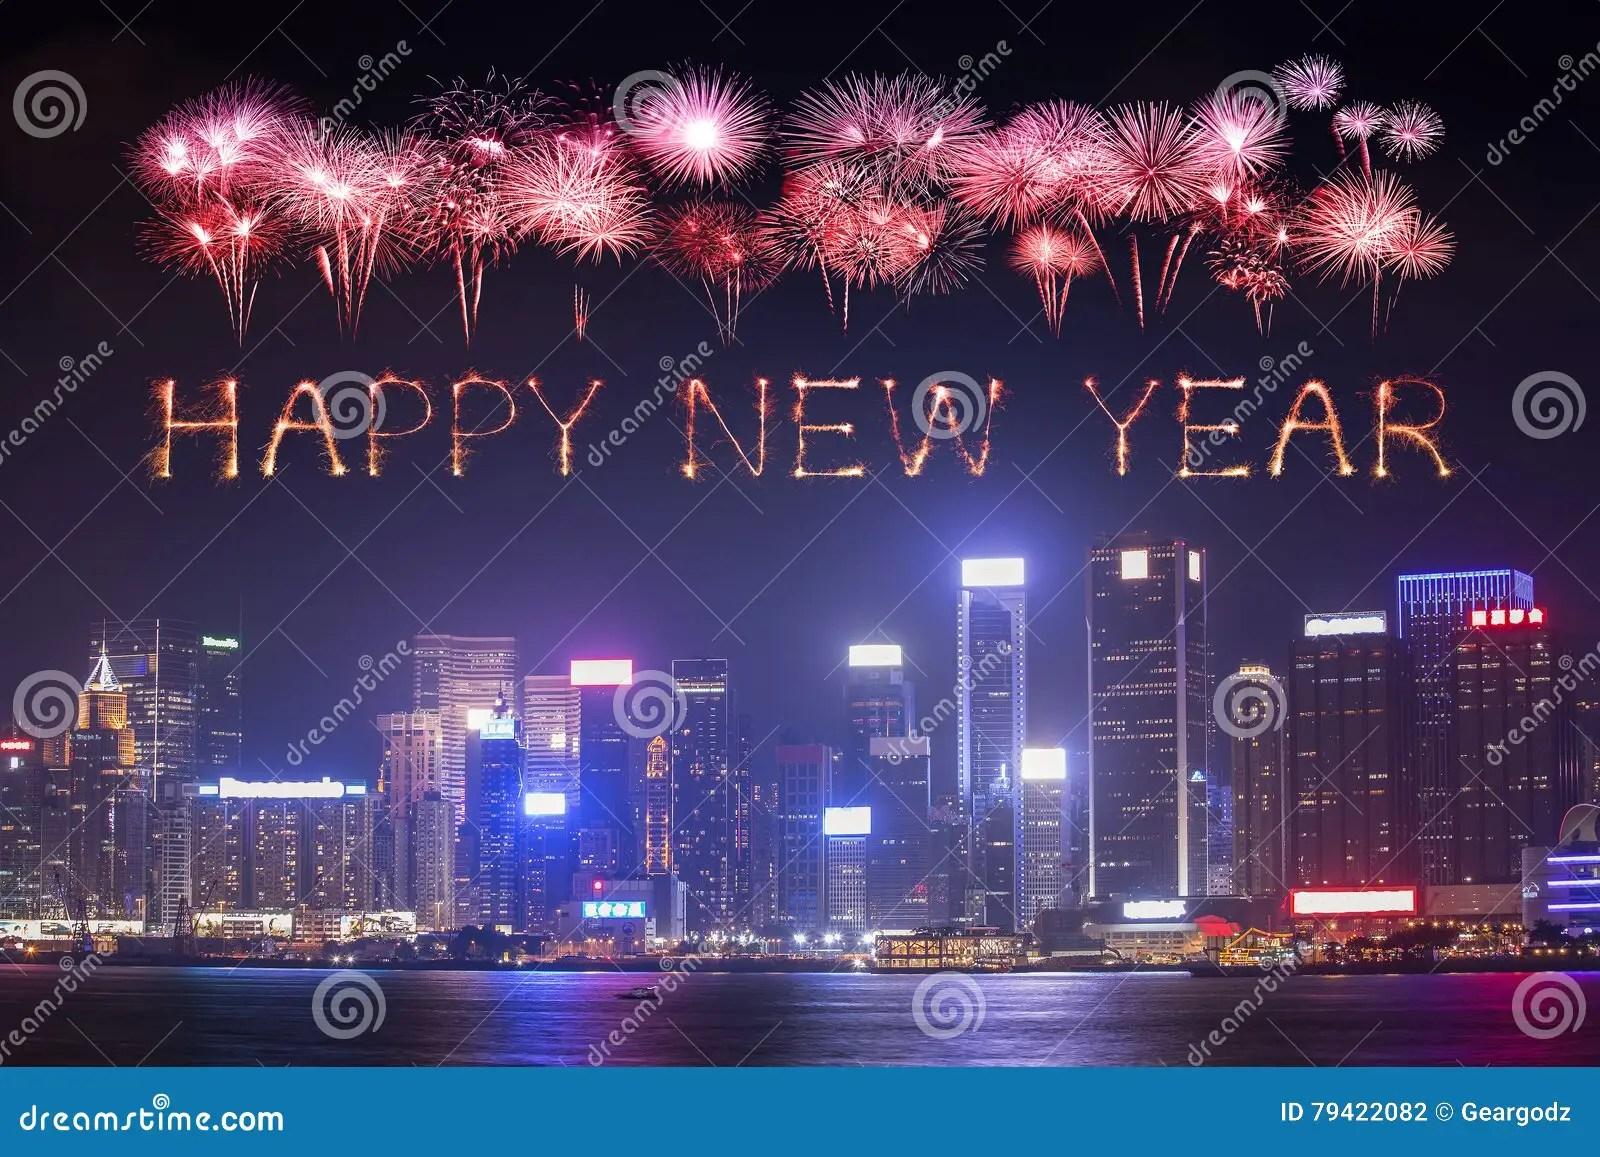 hong kong happy new year